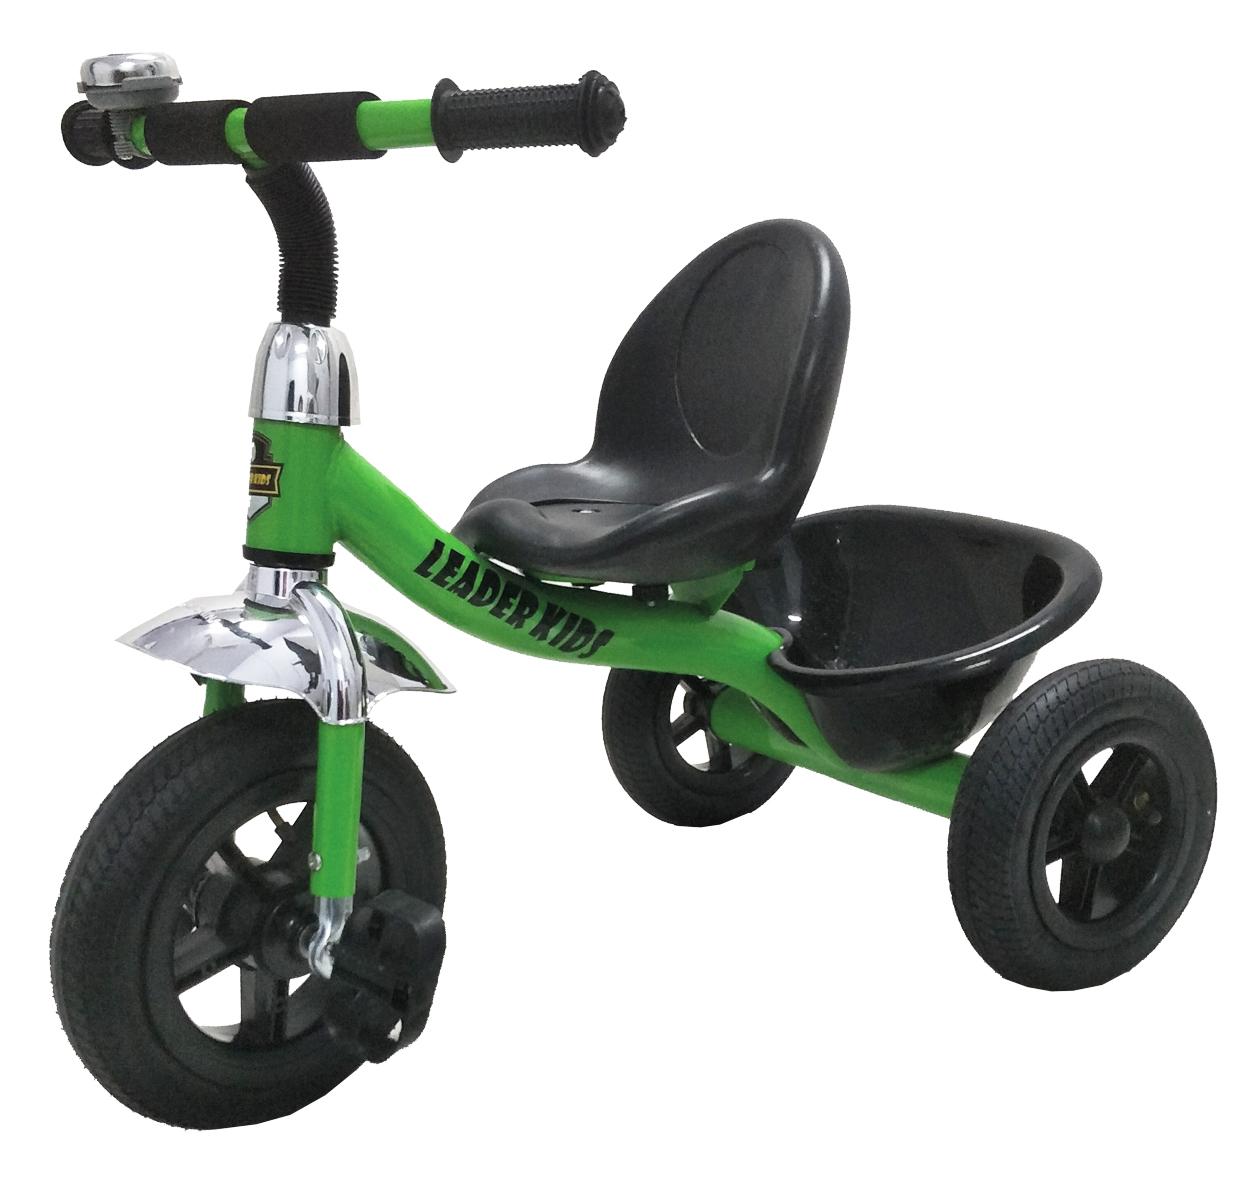 Купить Велосипеды трехколесные, YH-5192A, Parusok, Китай, green